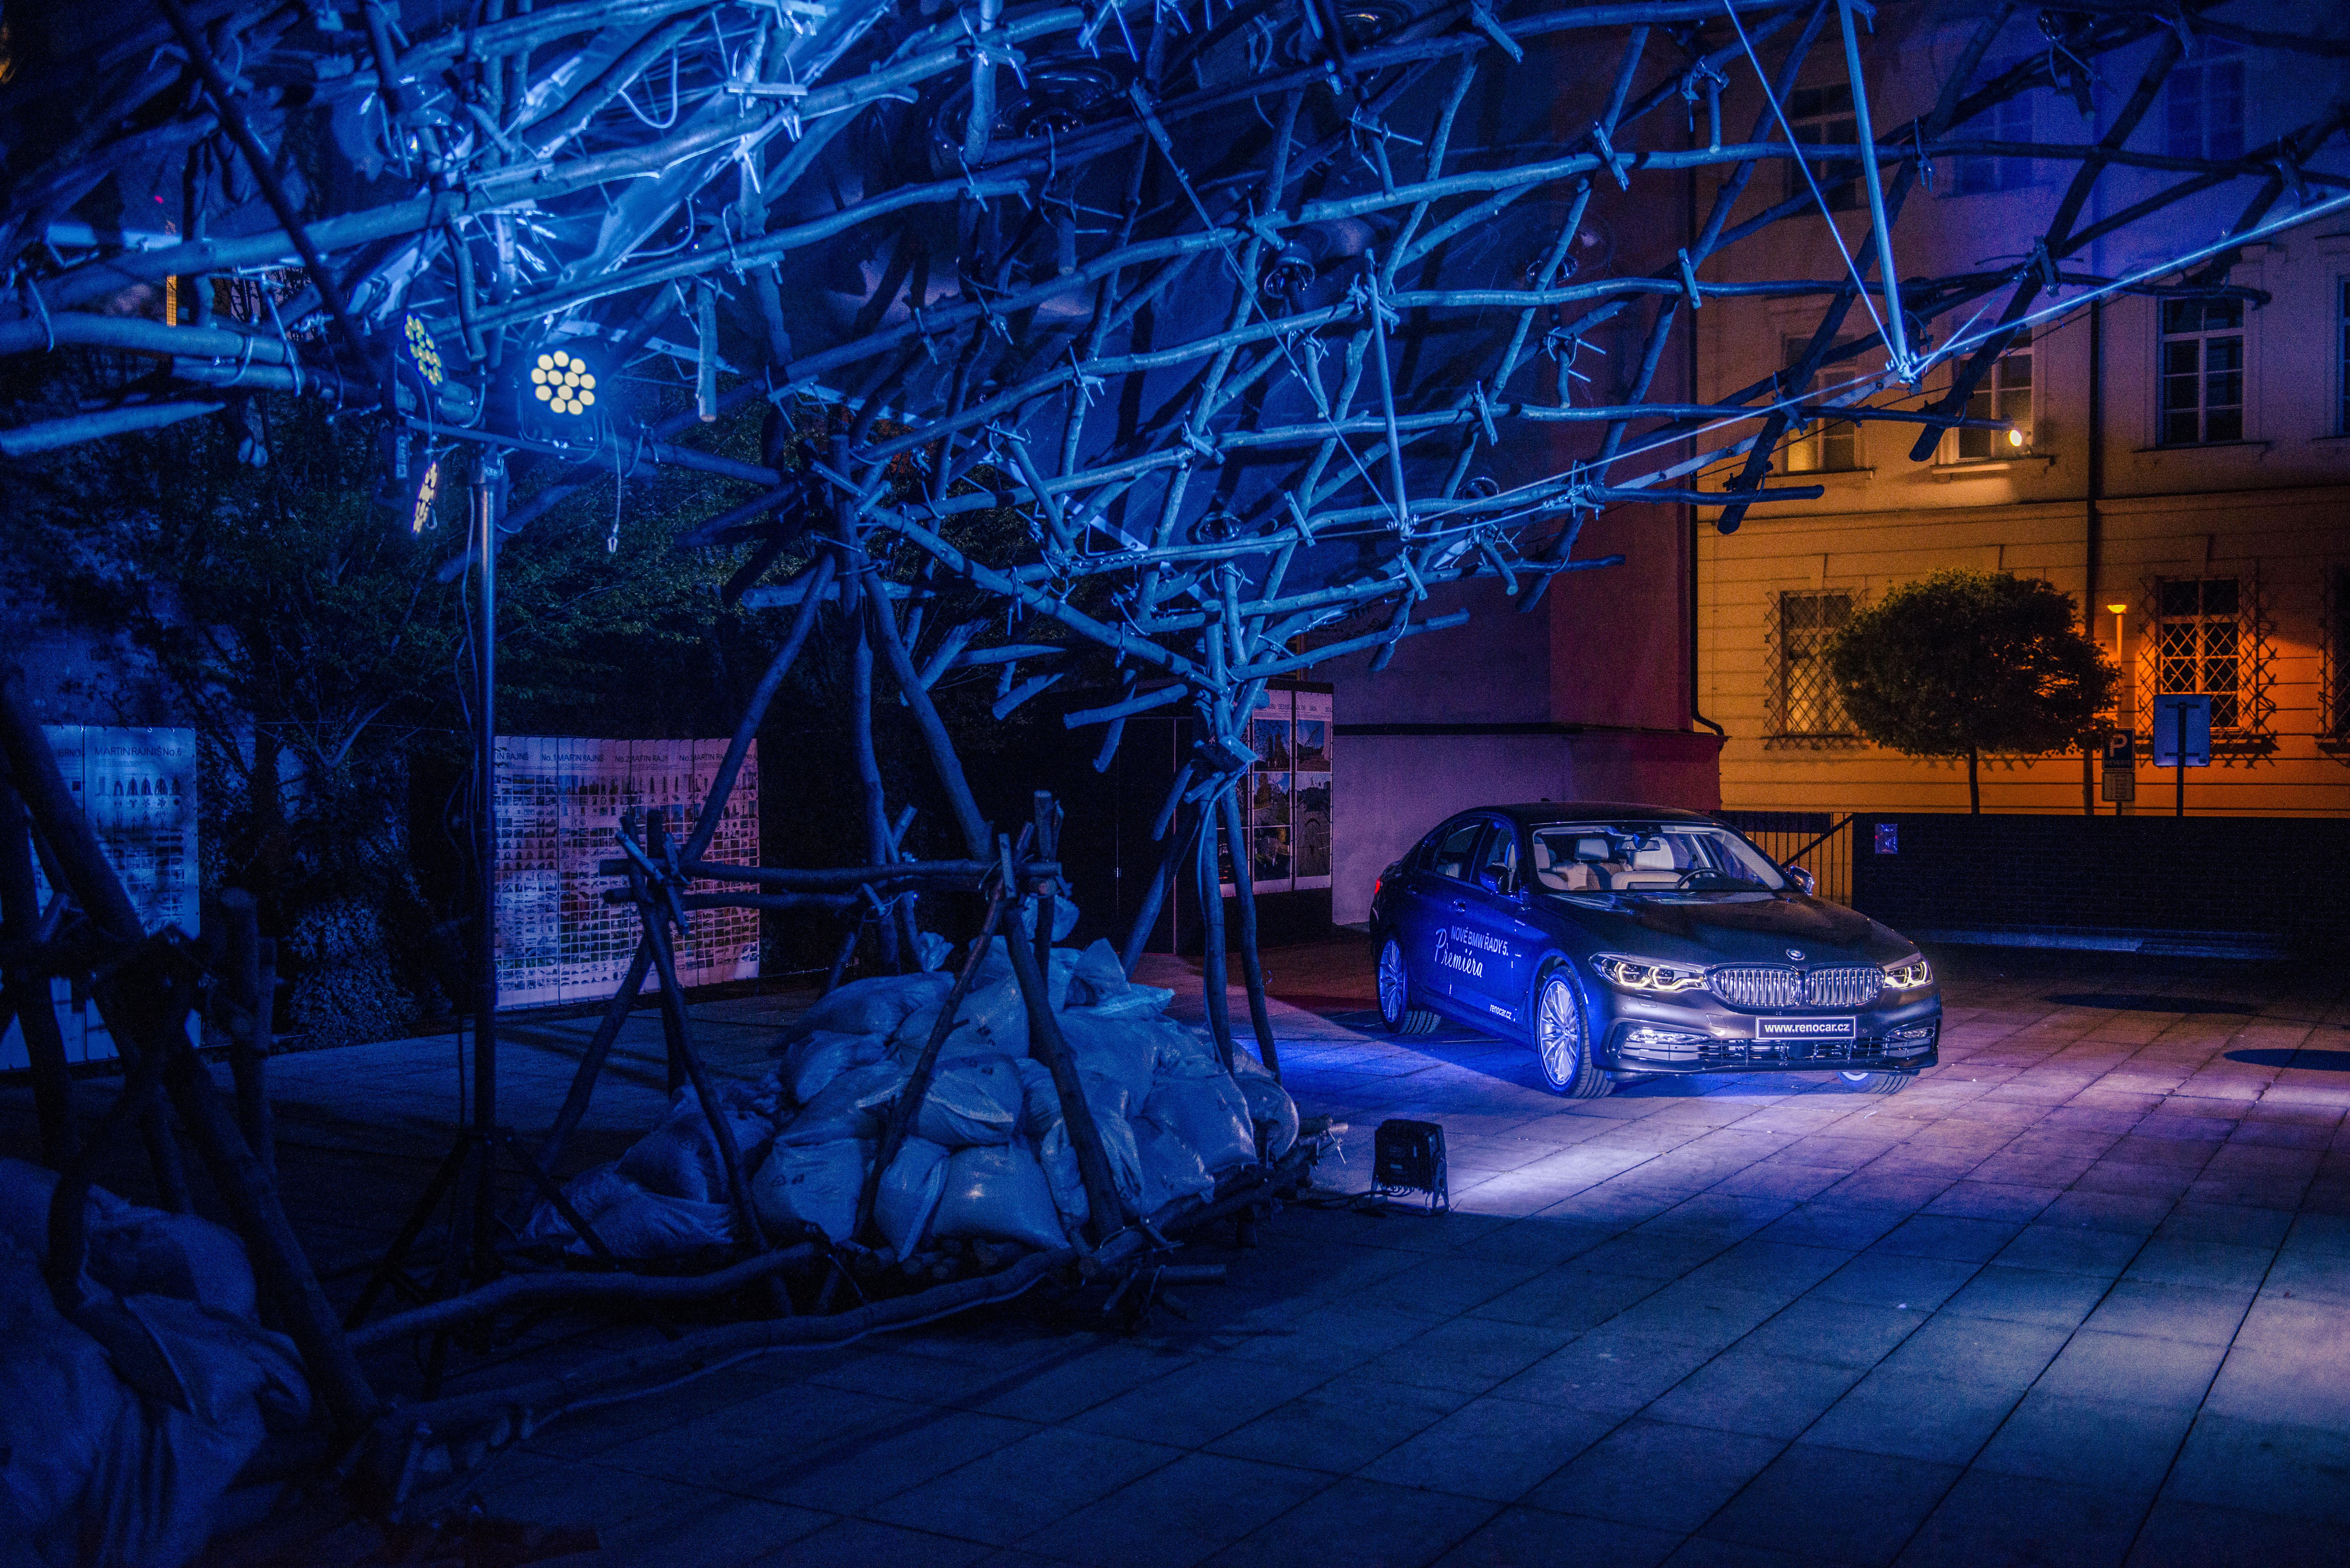 Představen byl i luxusní vůz BMW řady 5.